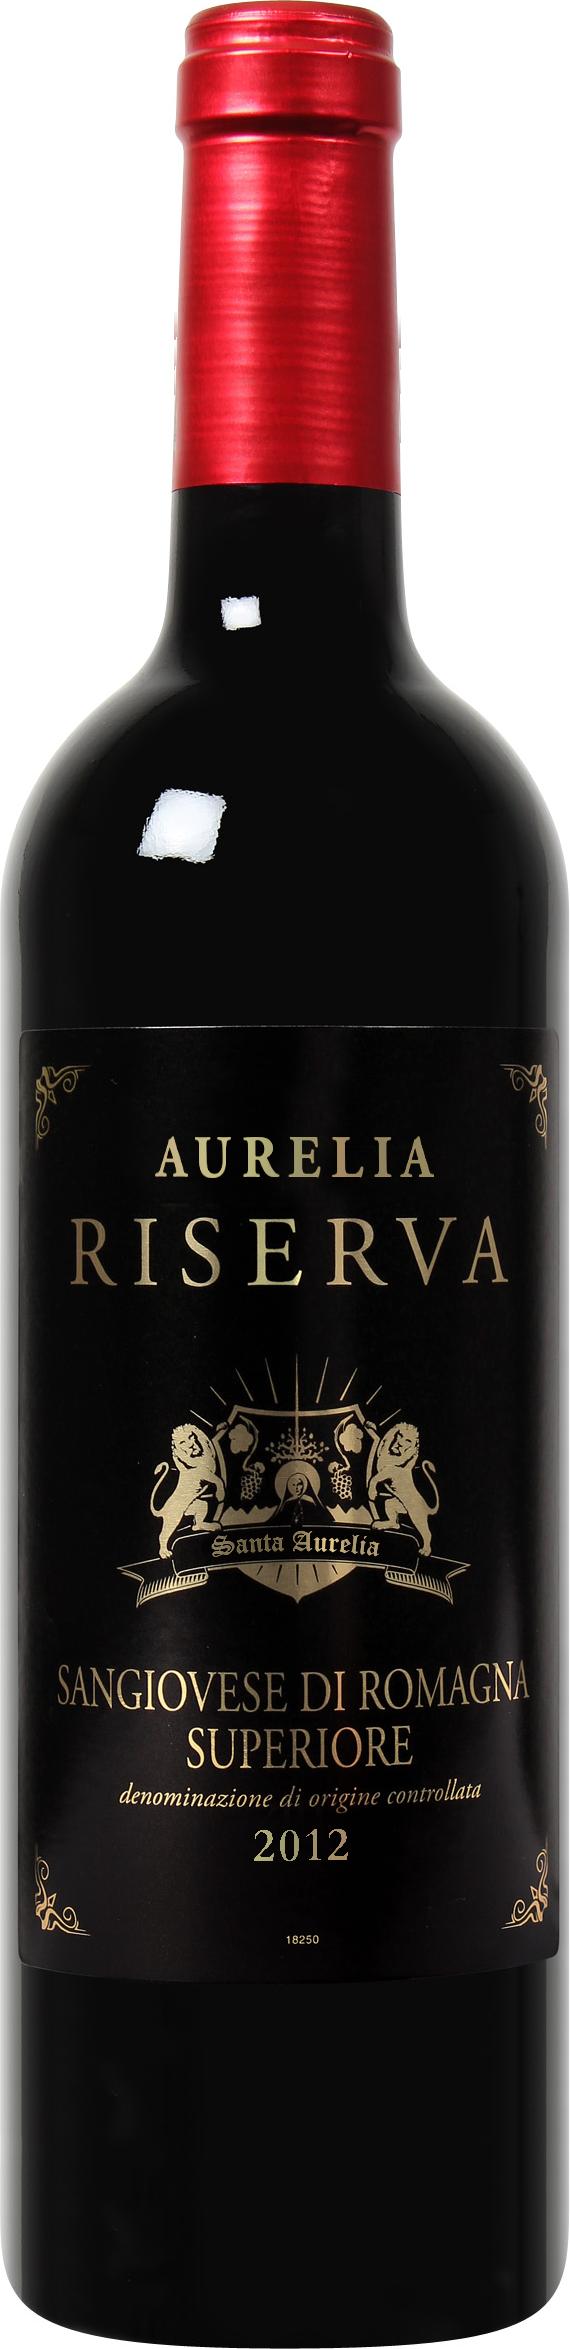 Aurelia Riserva